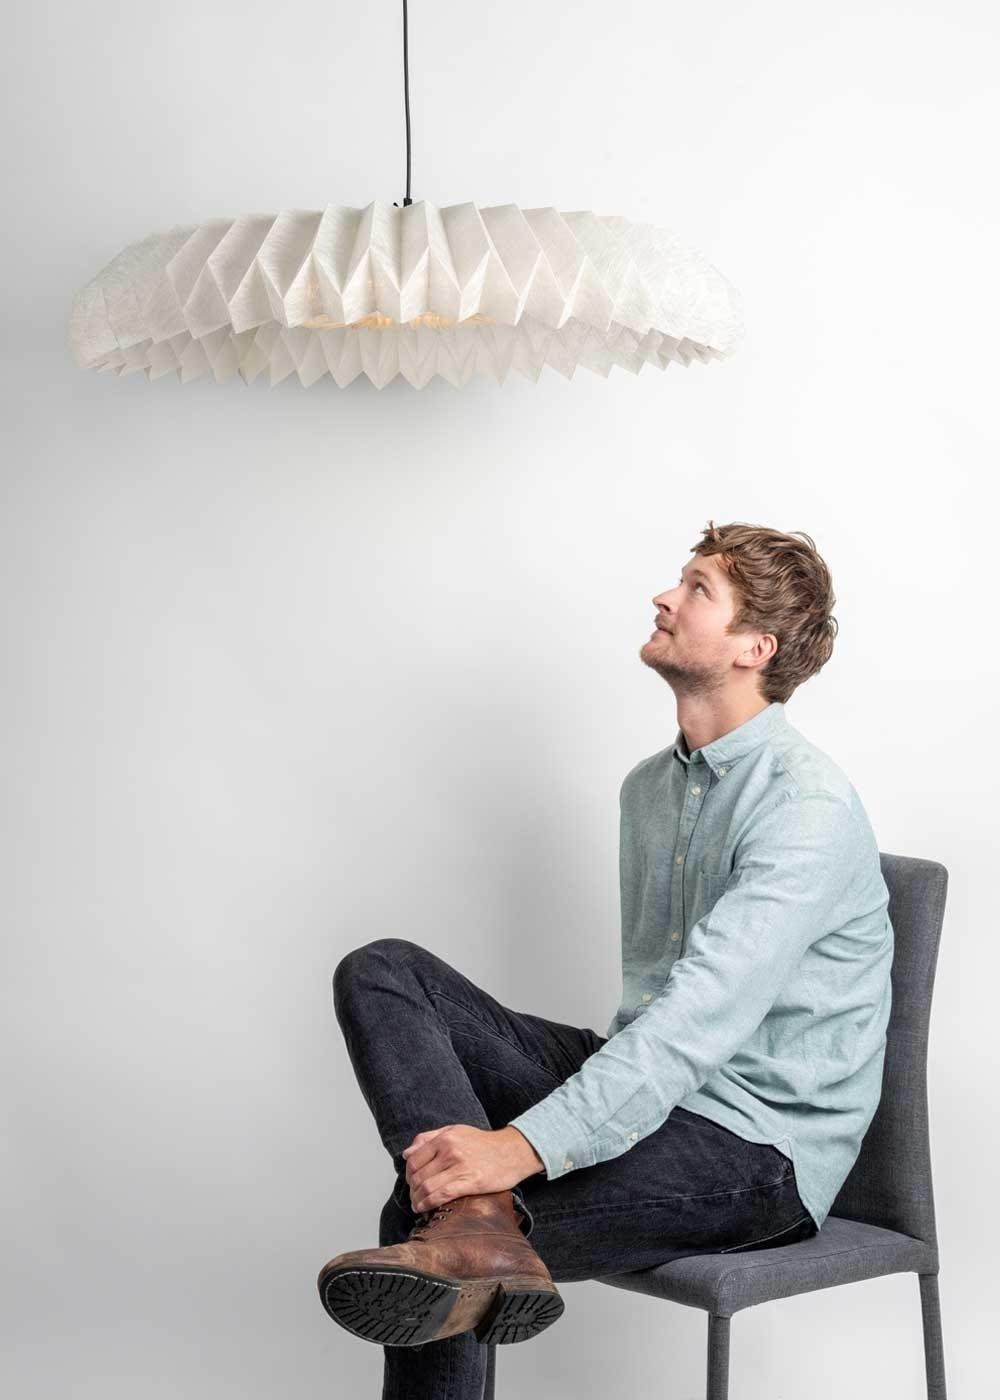 Heal's Discovers finalist Tijn Van Orsouw with the Lightcomposer pendant